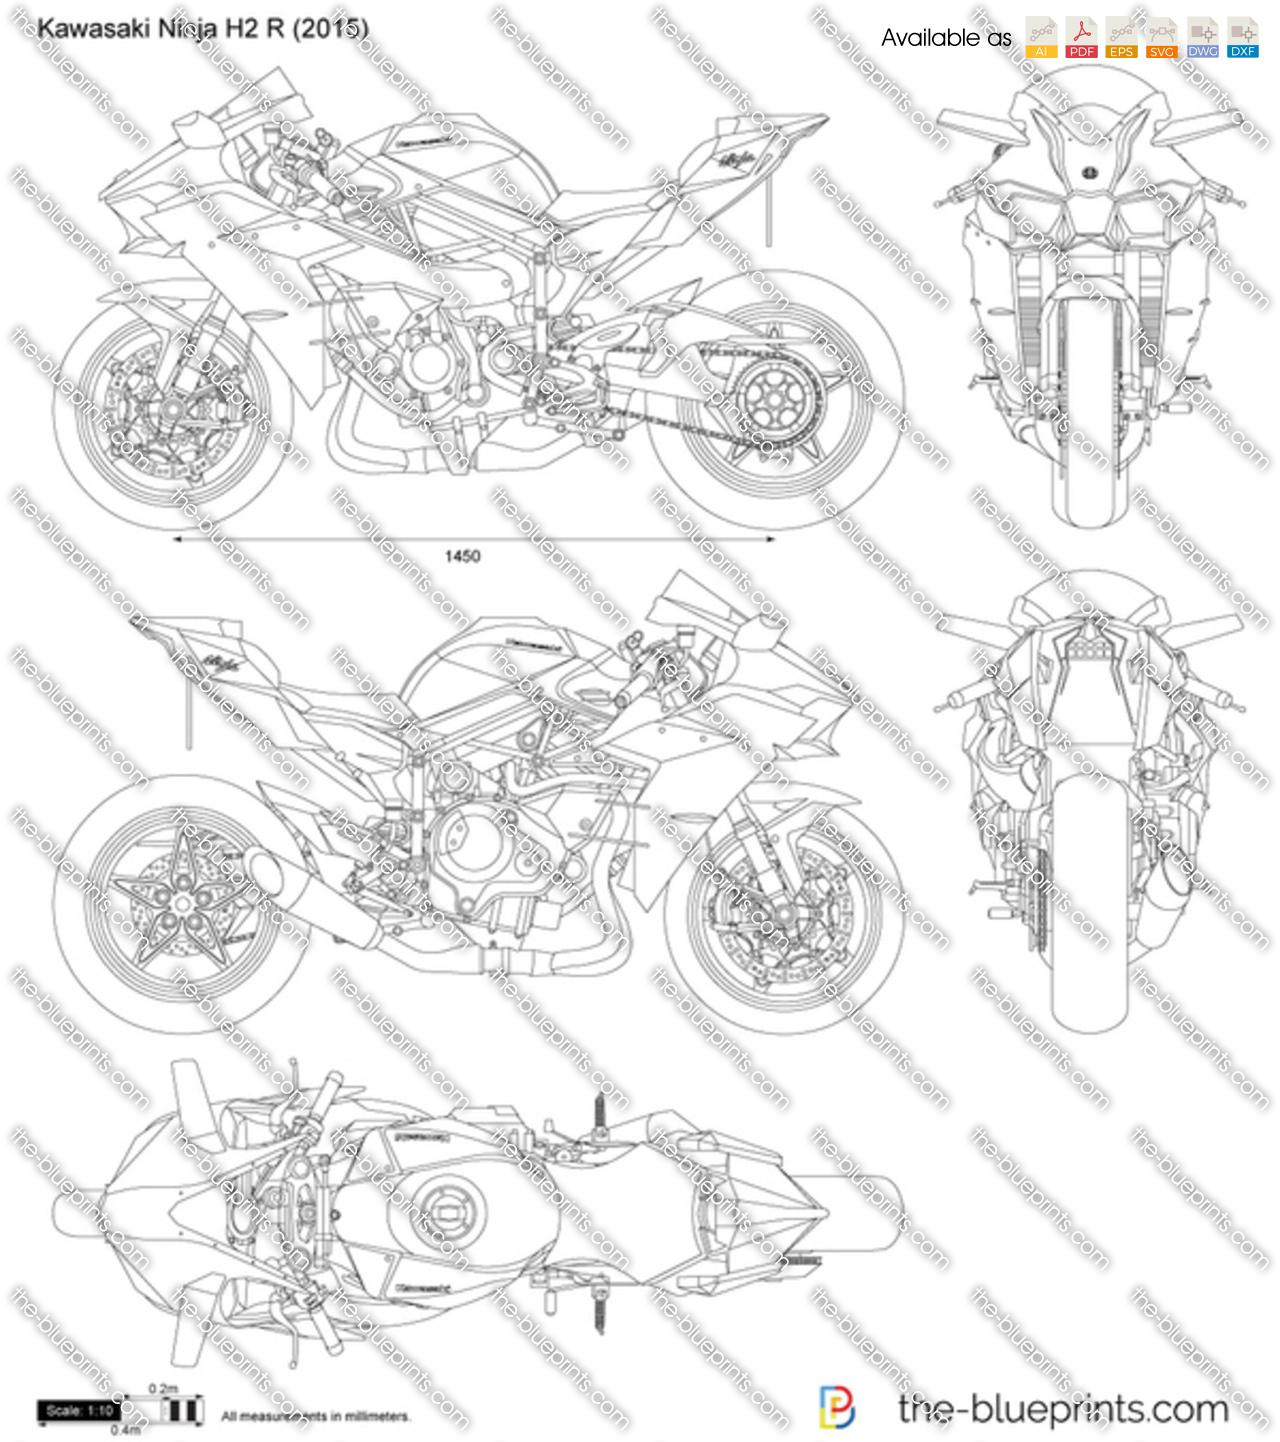 Kawasaki Ninja H2 R 2018